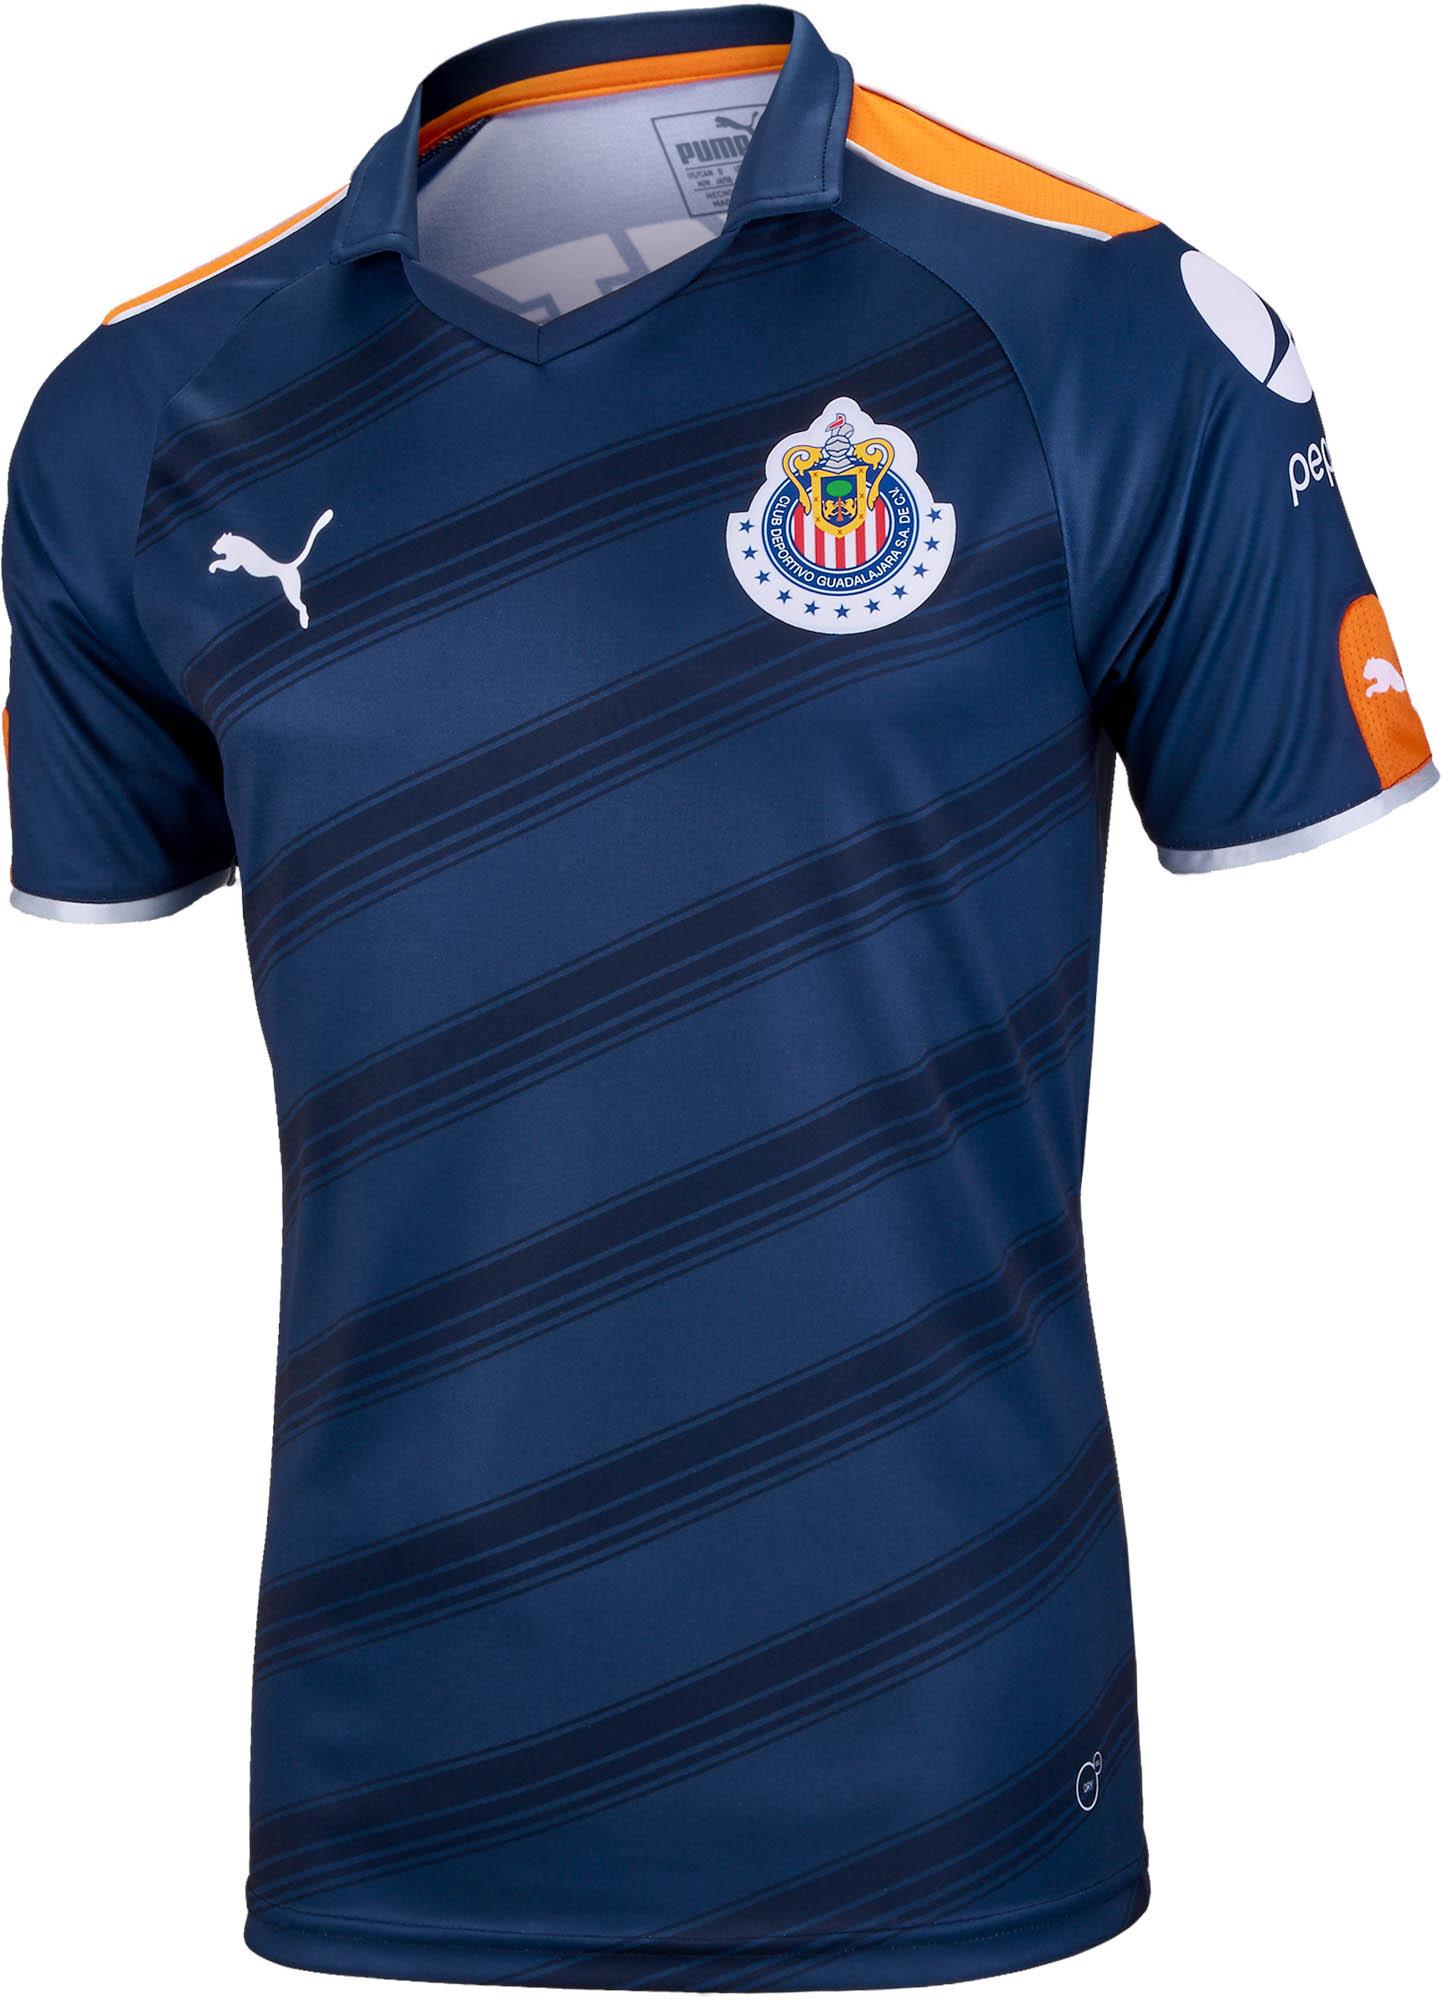 0b6a65a5a Puma Chivas 3rd Jersey 2016-17